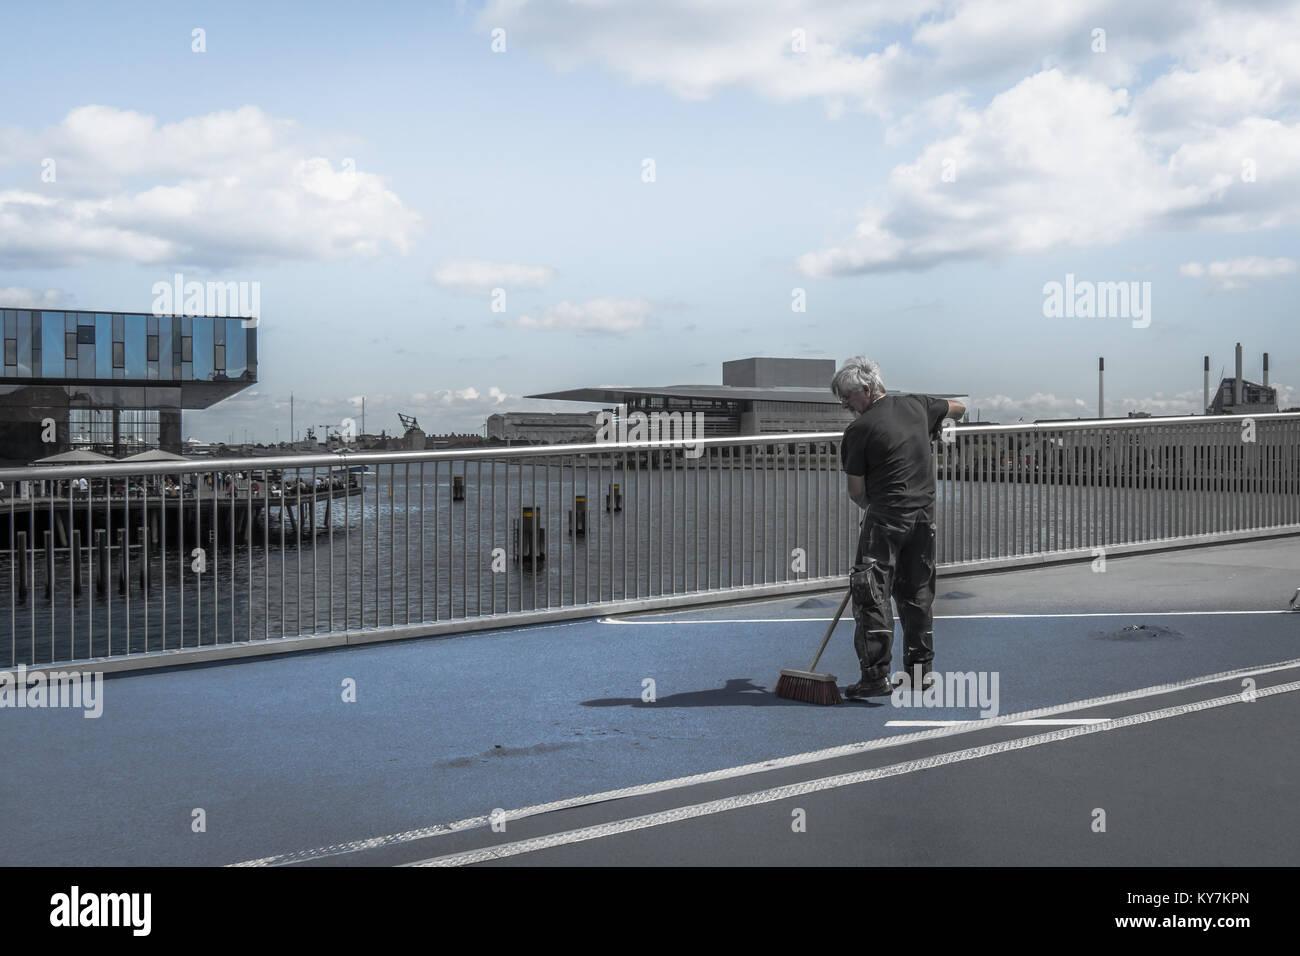 Repairing the slippery surface of the inner port bridge in Copenhagen, Denmark, July 13, 2016 - Stock Image